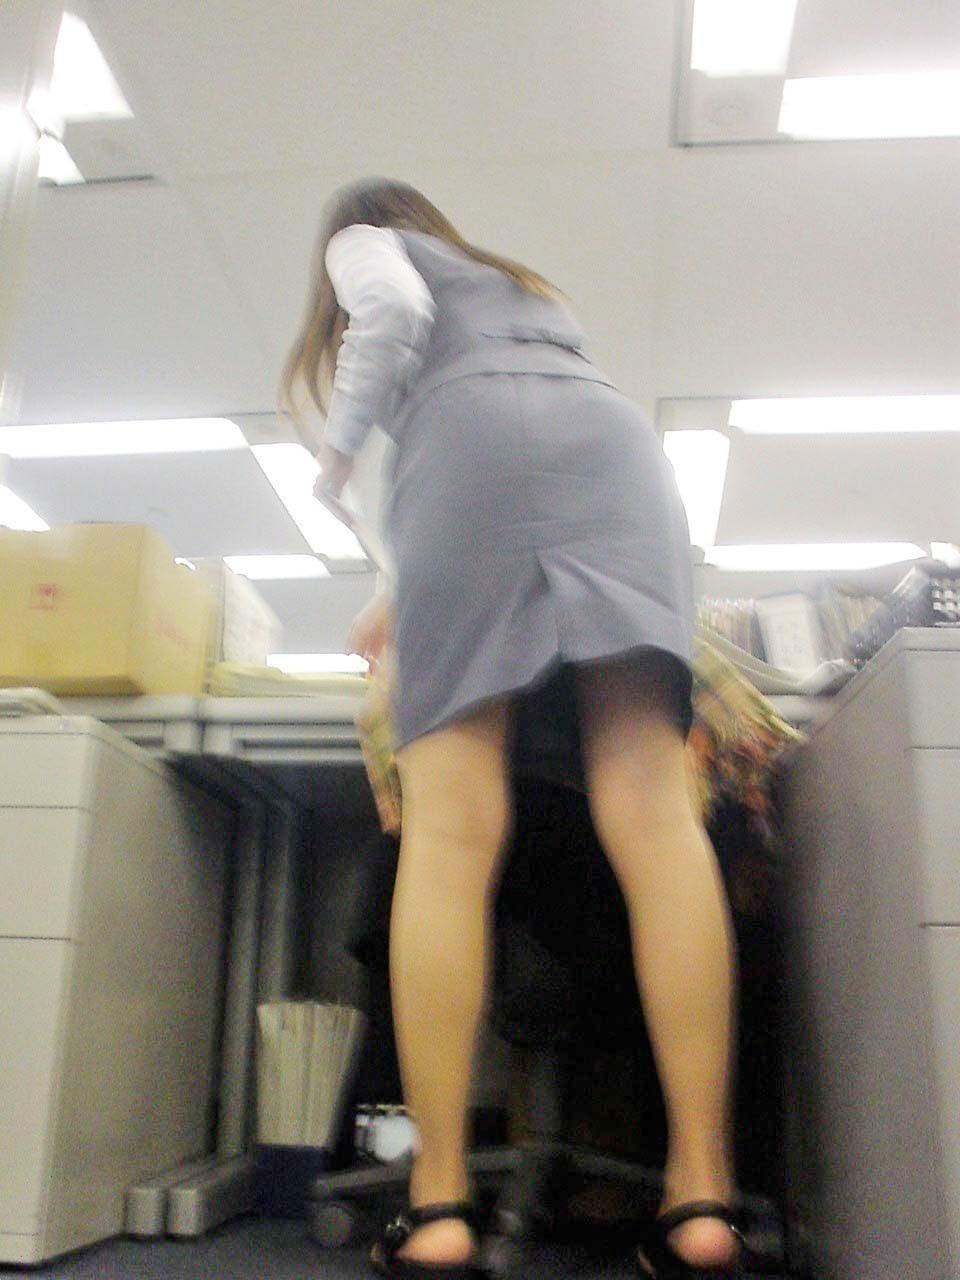 働く素人OLのパンティーライン会社内盗撮エロ画像1枚目